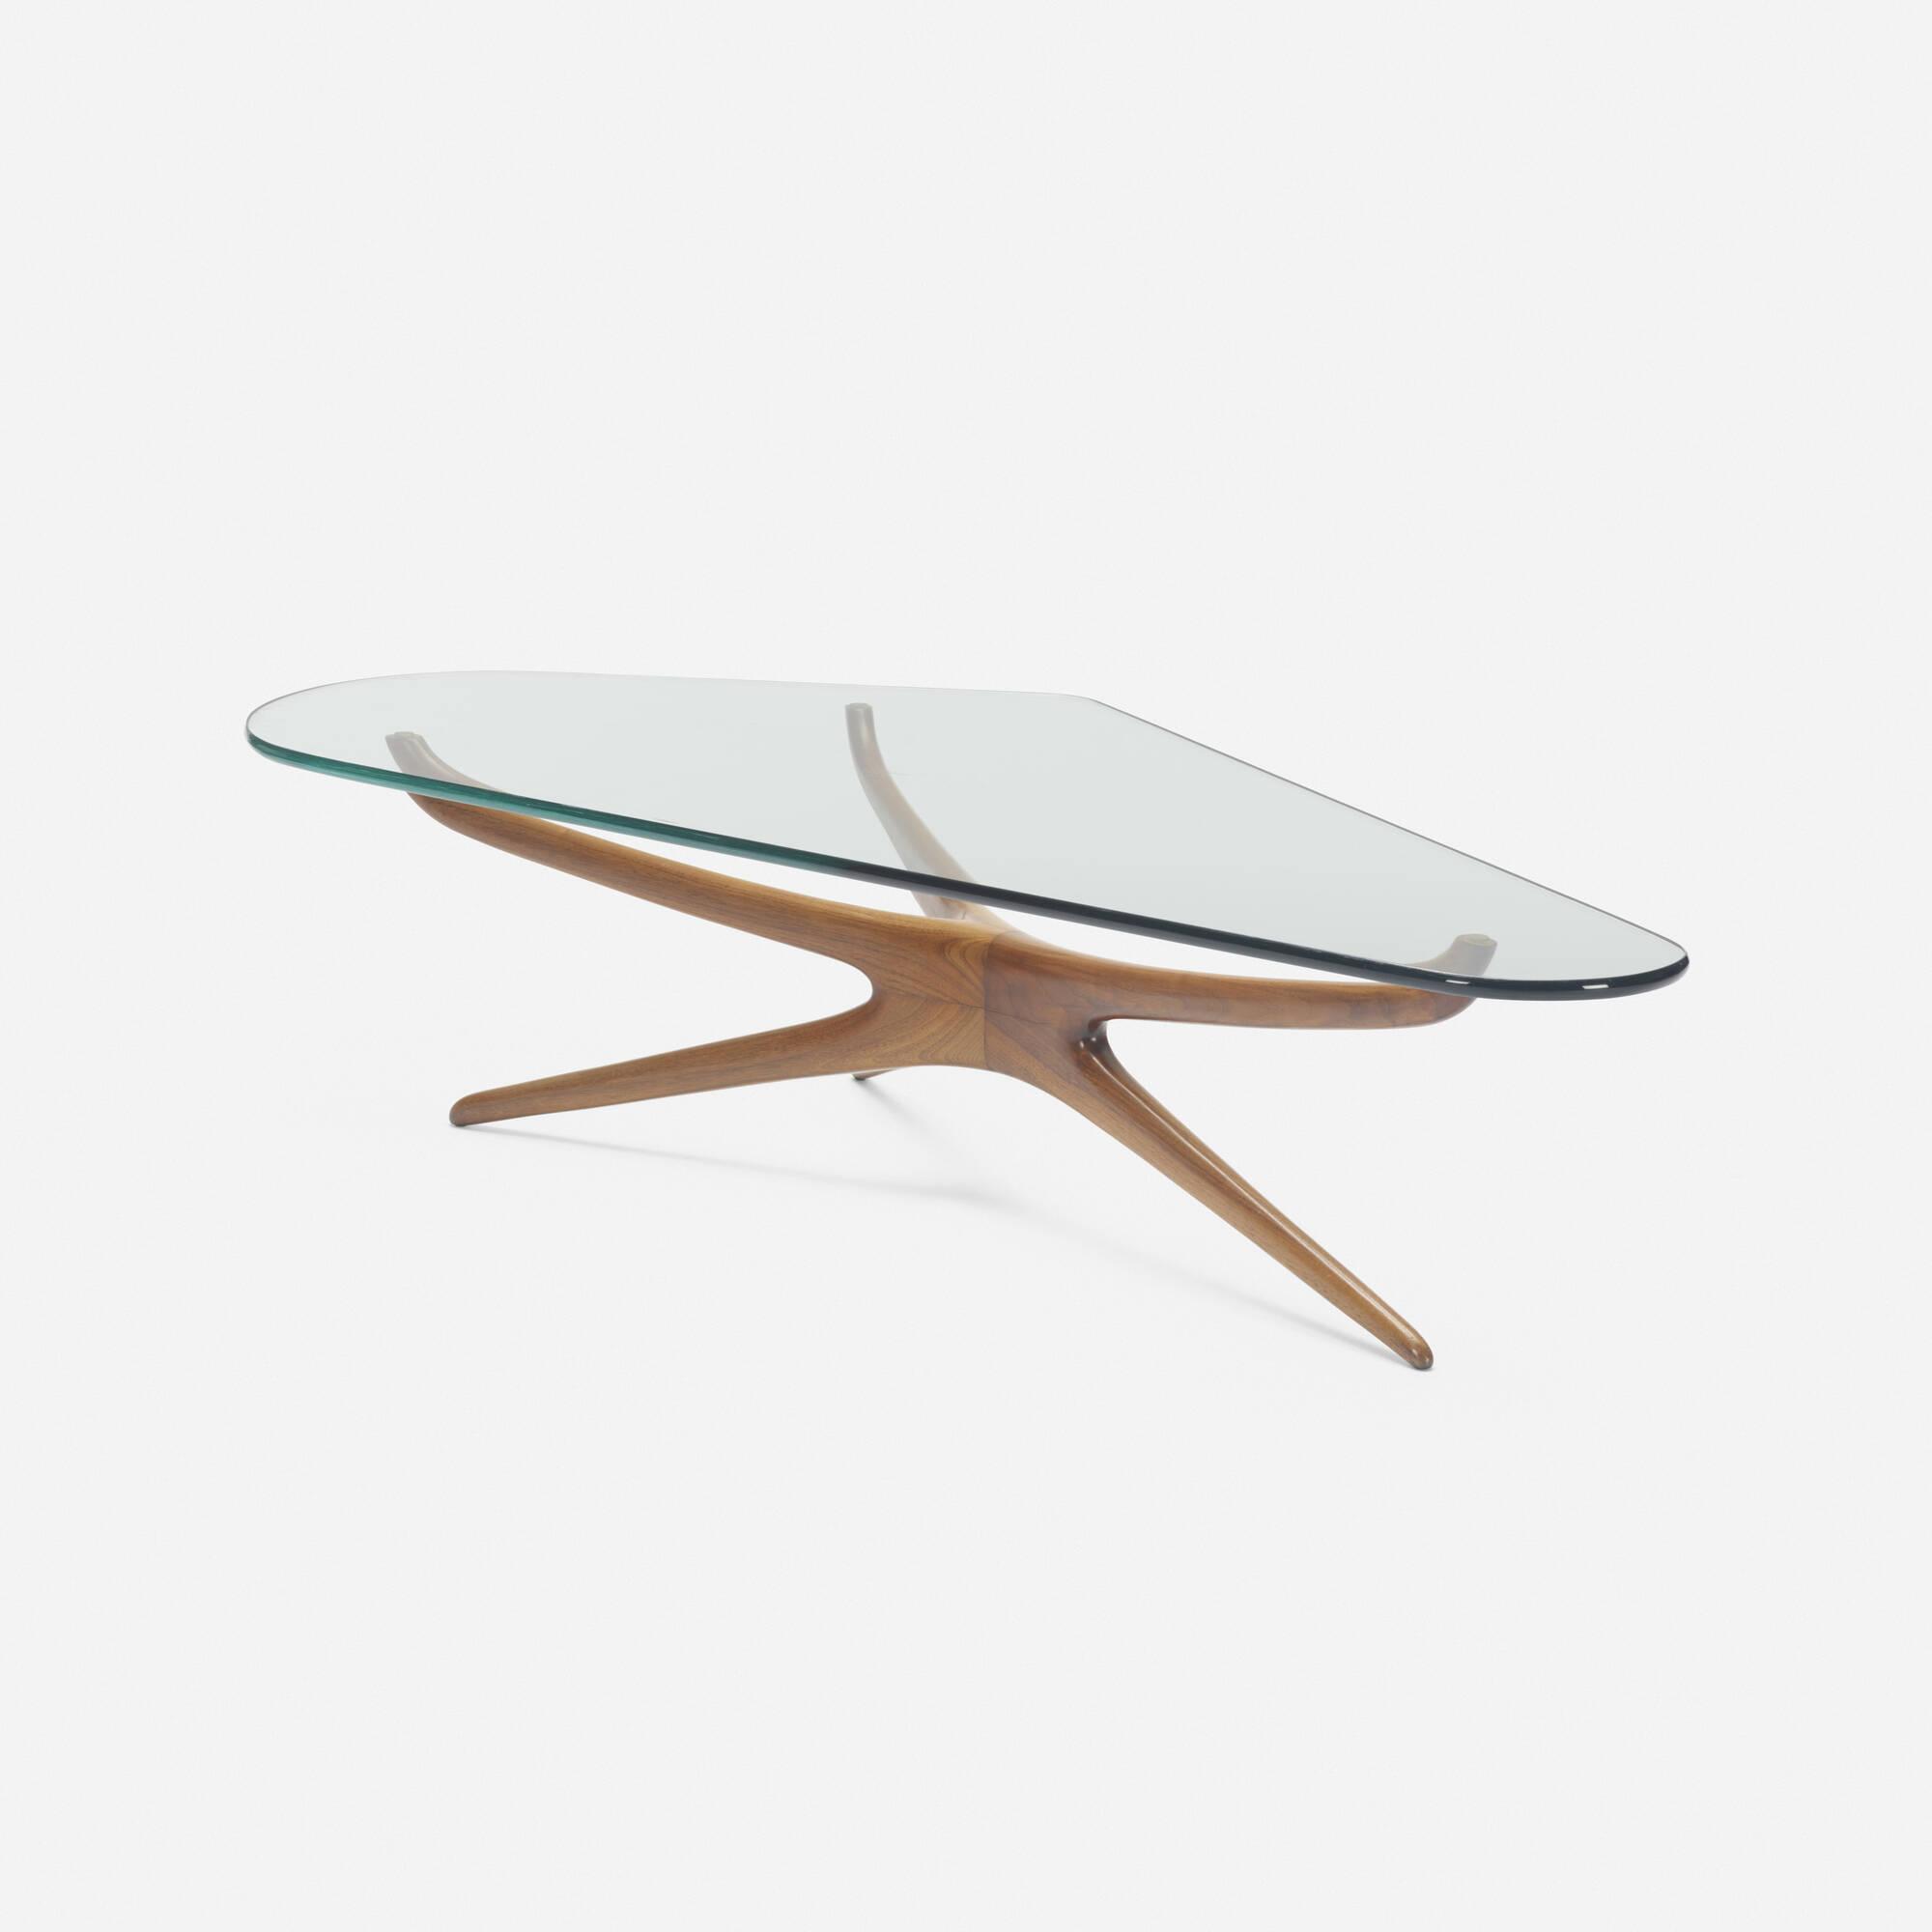 357: Vladimir Kagan / Tri-symmetric coffee table (1 of 2)